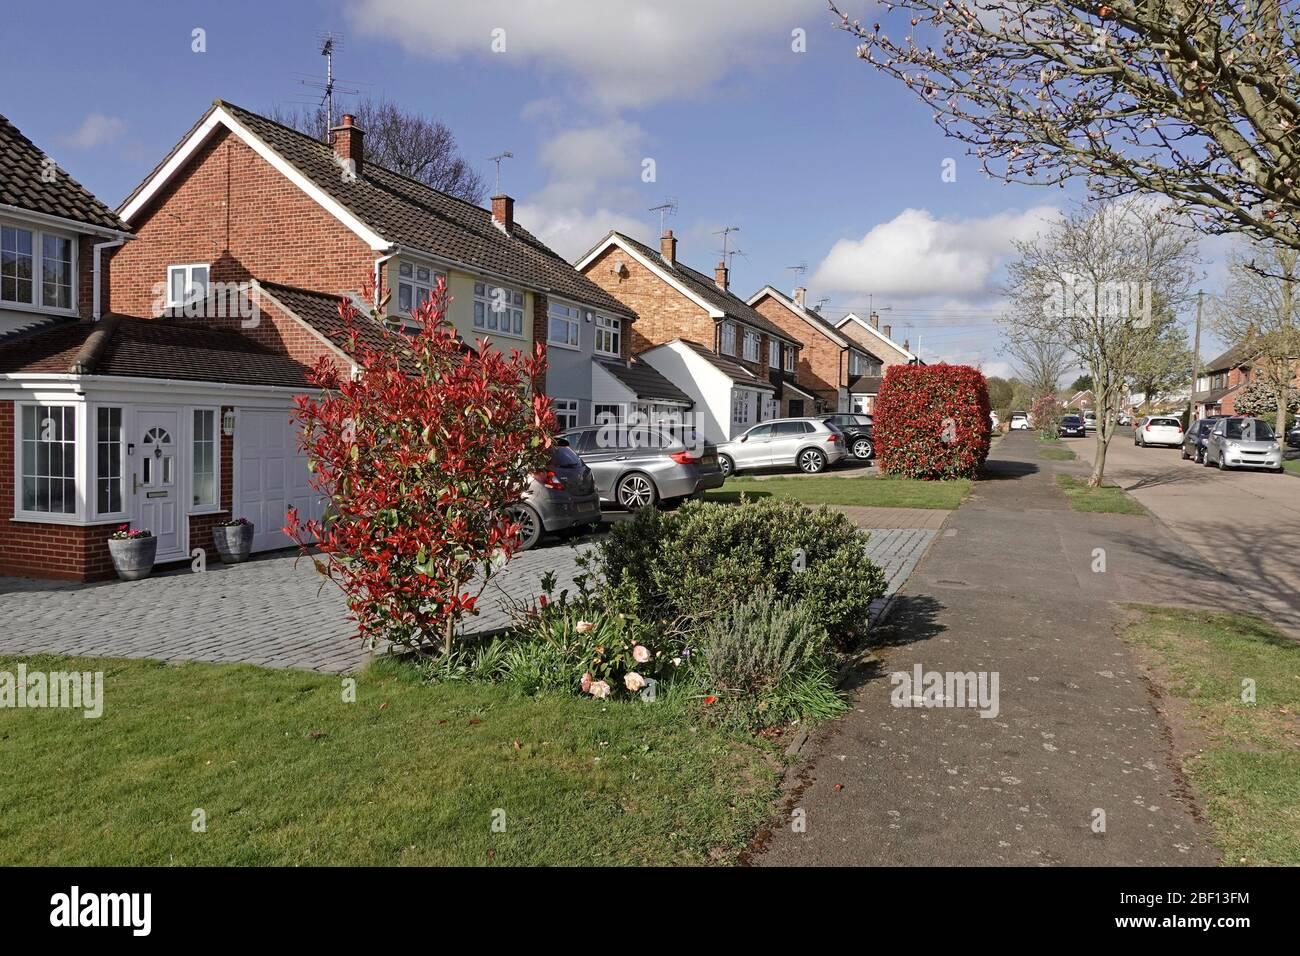 Case strada scena alcune case semi-distaccate pavimentazione sul giardino anteriore con vialetto pavimentato per parcheggio auto spazio alcuni mantenere casa prato Essex Inghilterra Regno Unito Foto Stock